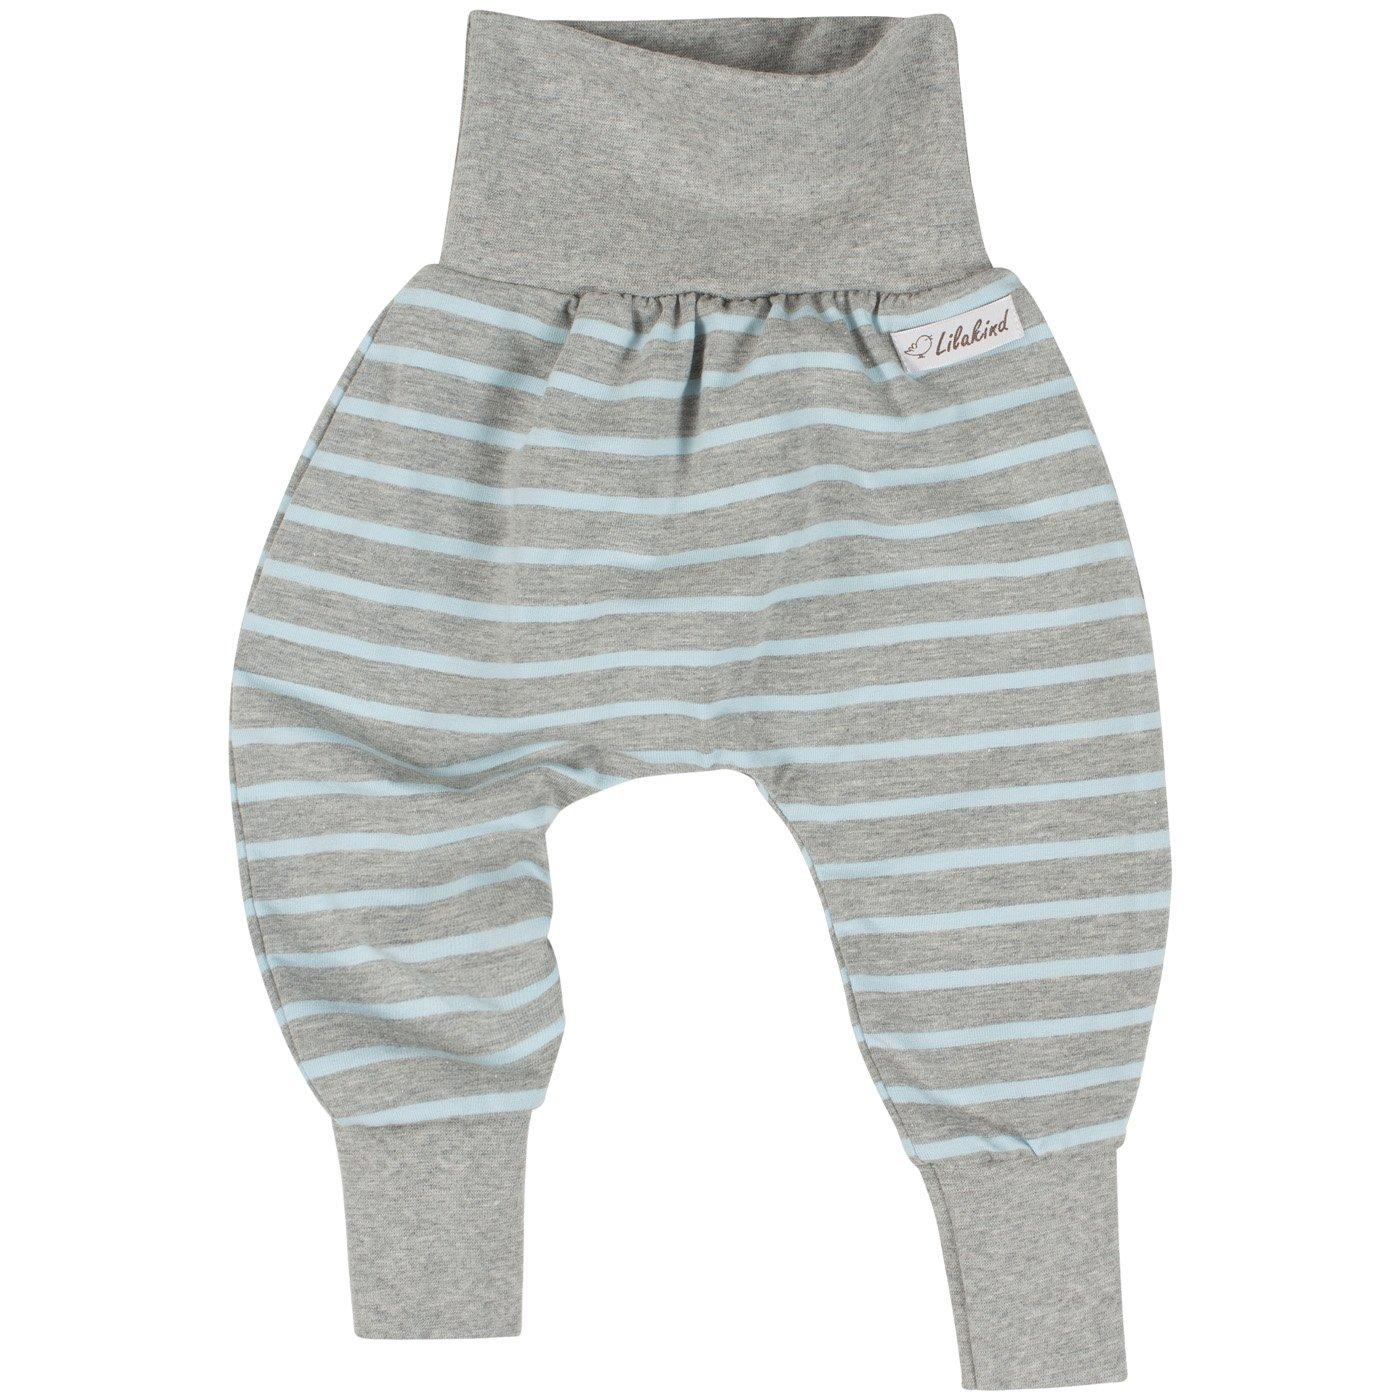 68 Lilakind Pumphose Hose Baby-Hose Jersey Baumwolle Kinder-Hose Sterne Grau-Rosa Gr 92 Made in Germany 56 86 62 50 74 80